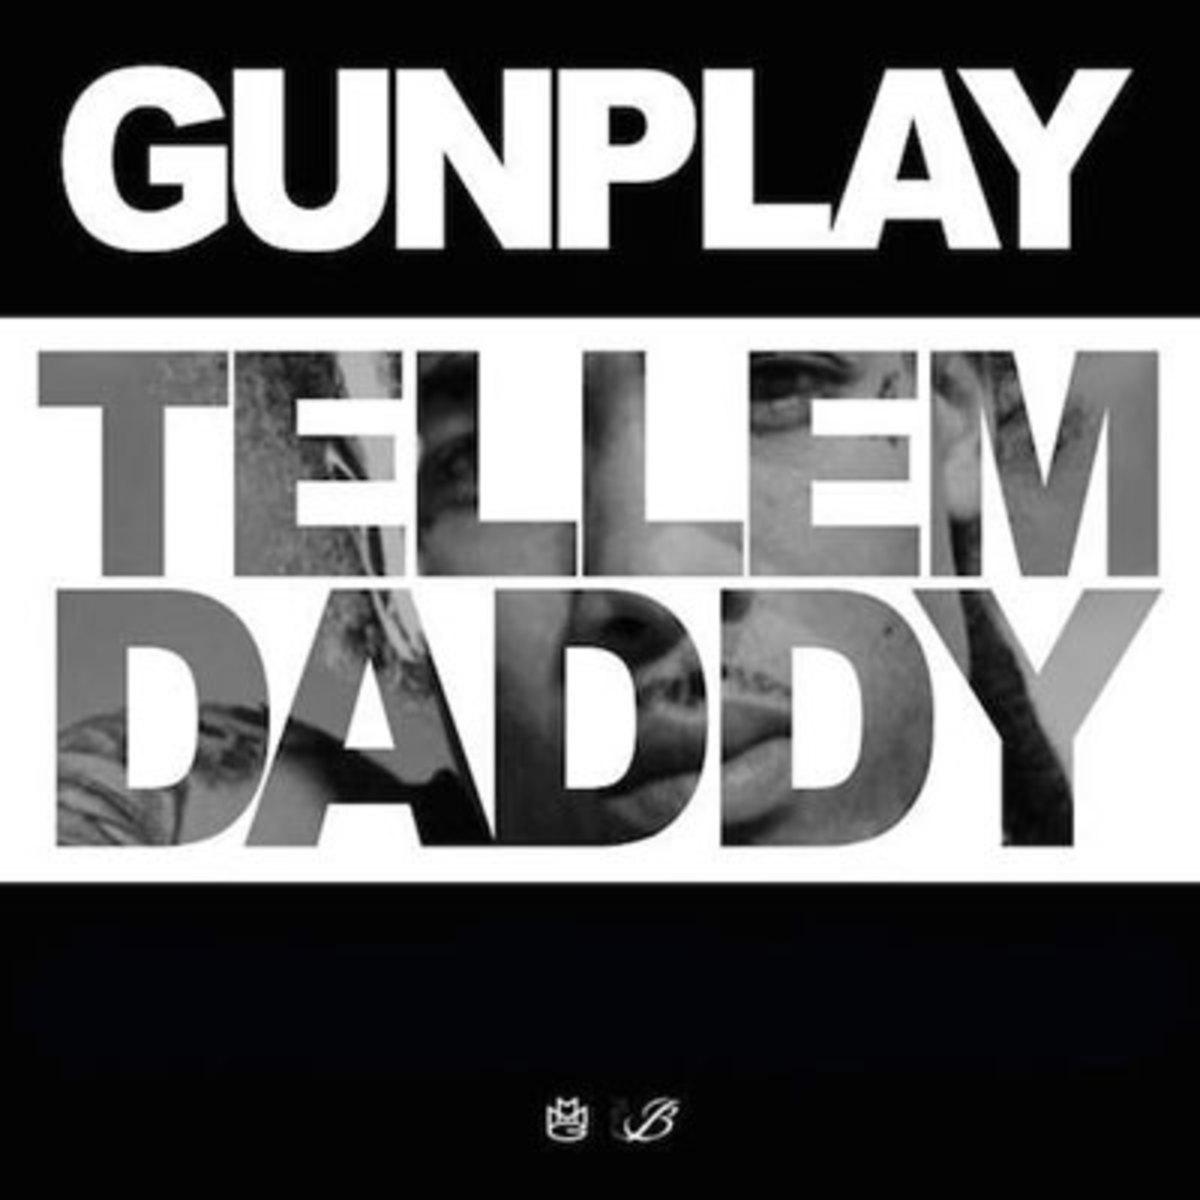 gunplay-tell-em-daddy.jpg